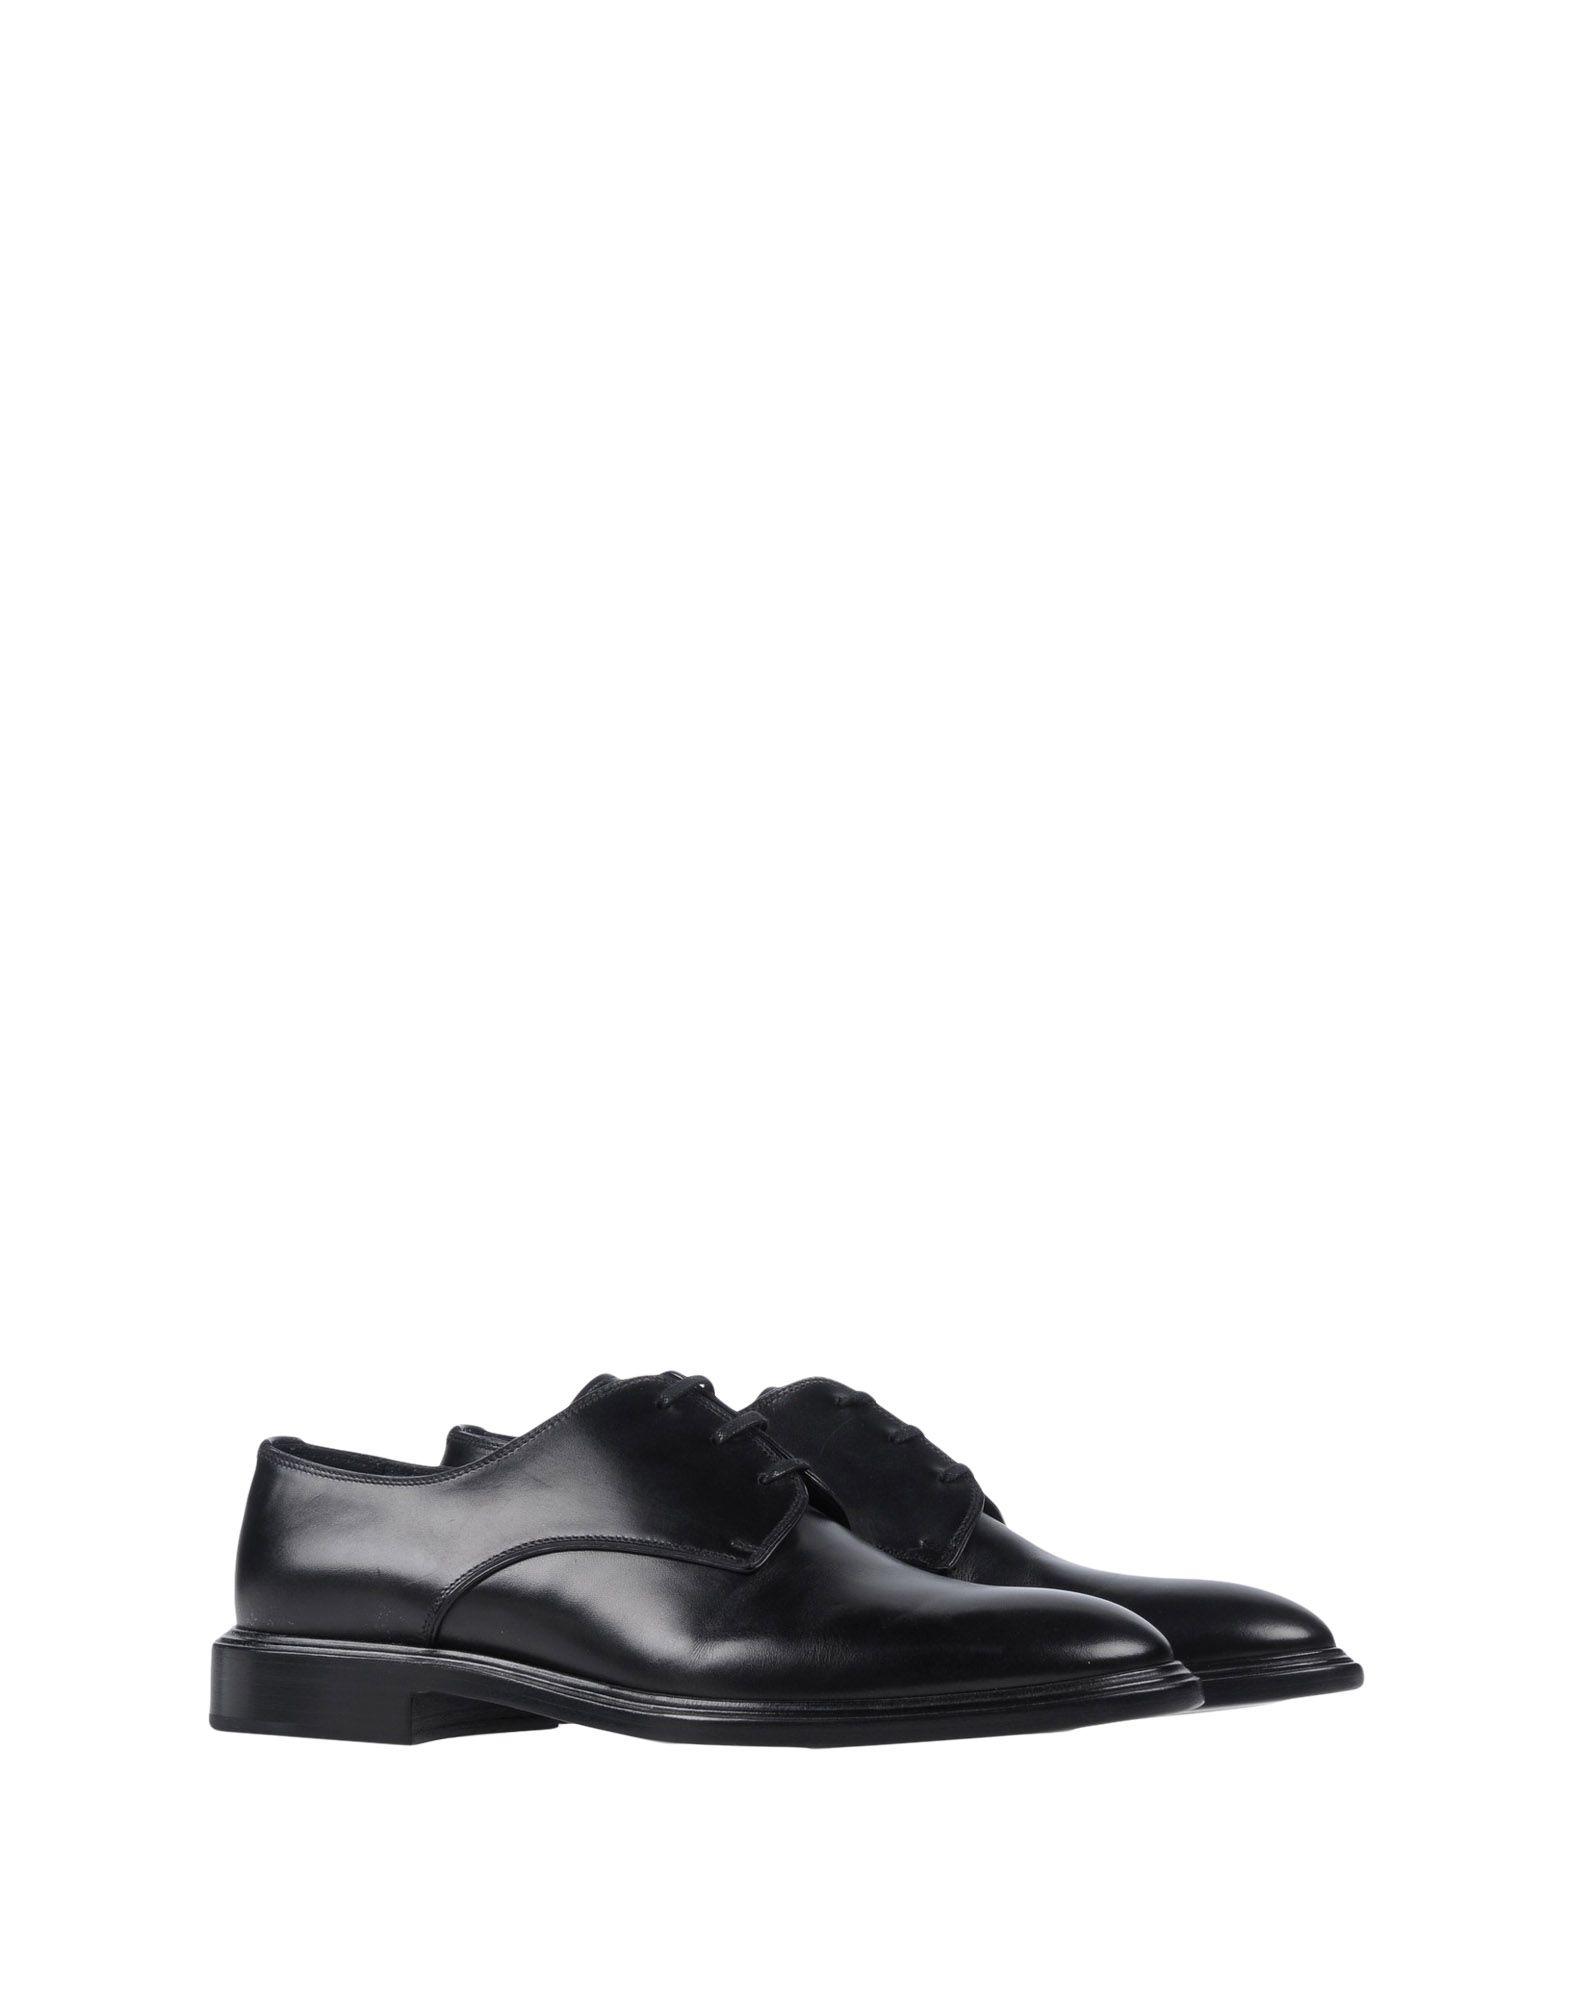 Givenchy Givenchy Givenchy Schnürschuhe Herren  11470980DQ Gute Qualität beliebte Schuhe bbab10